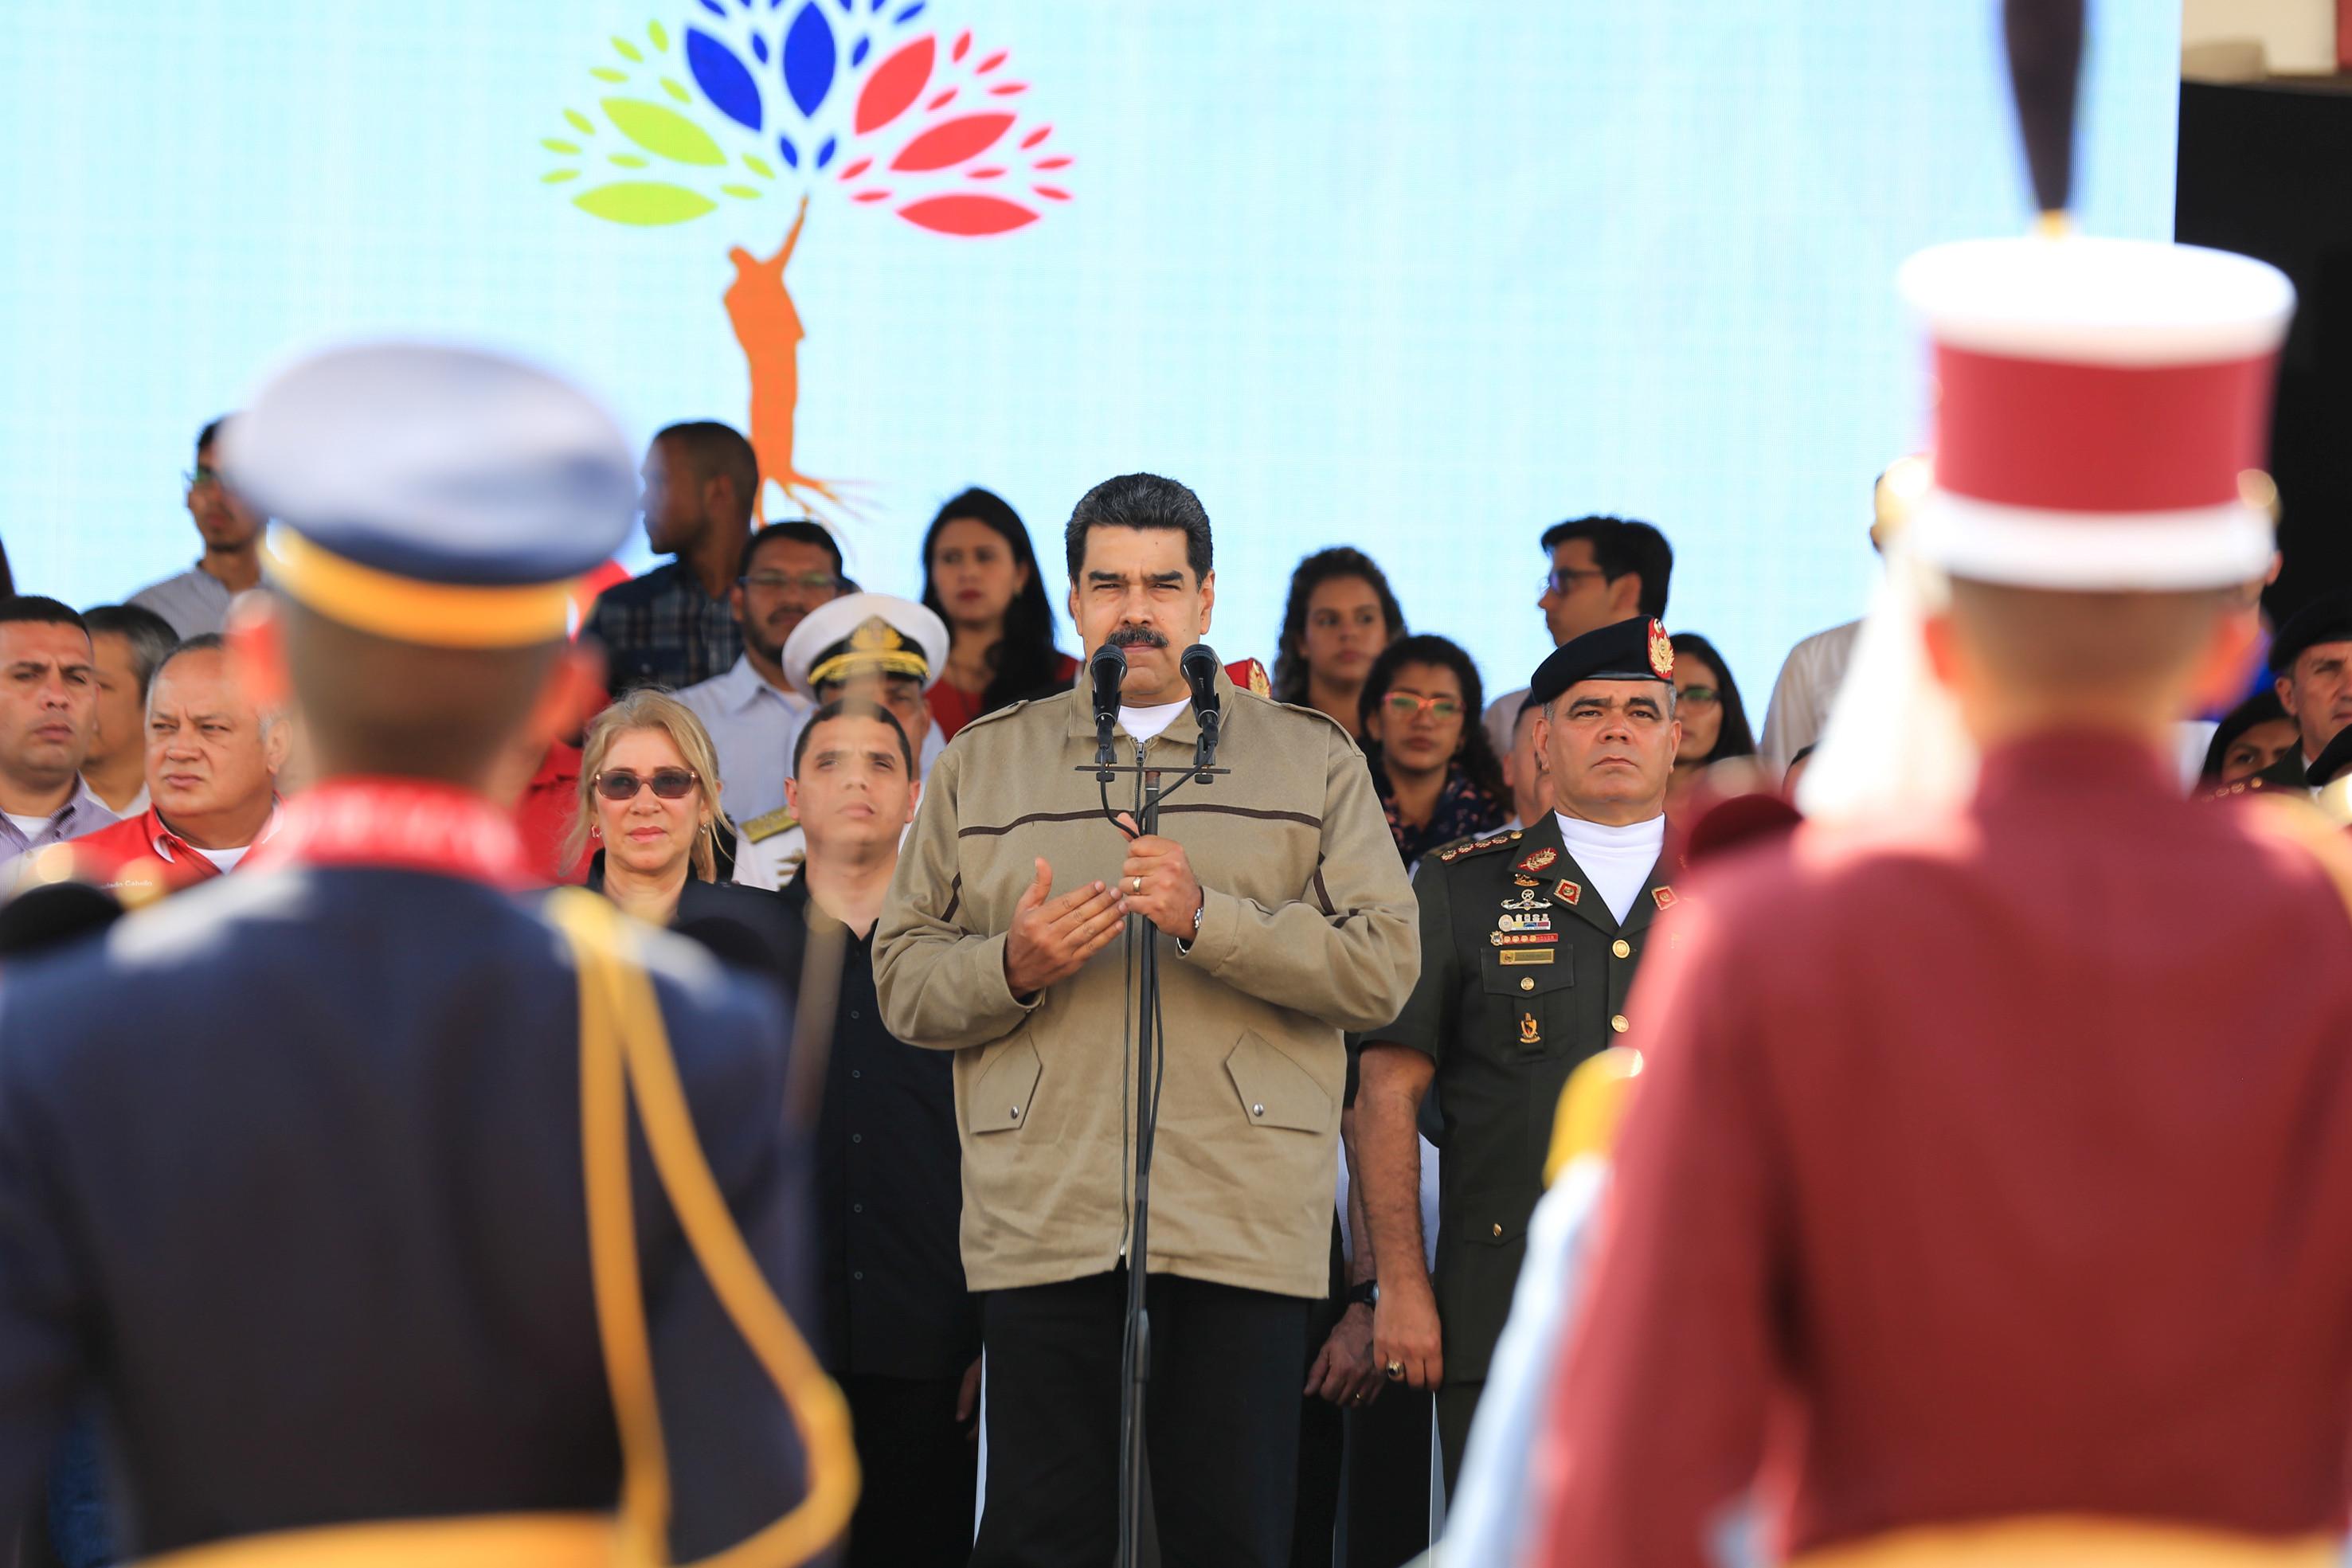 Governo de Maduro suspende atividade laboral e escolar após apagão